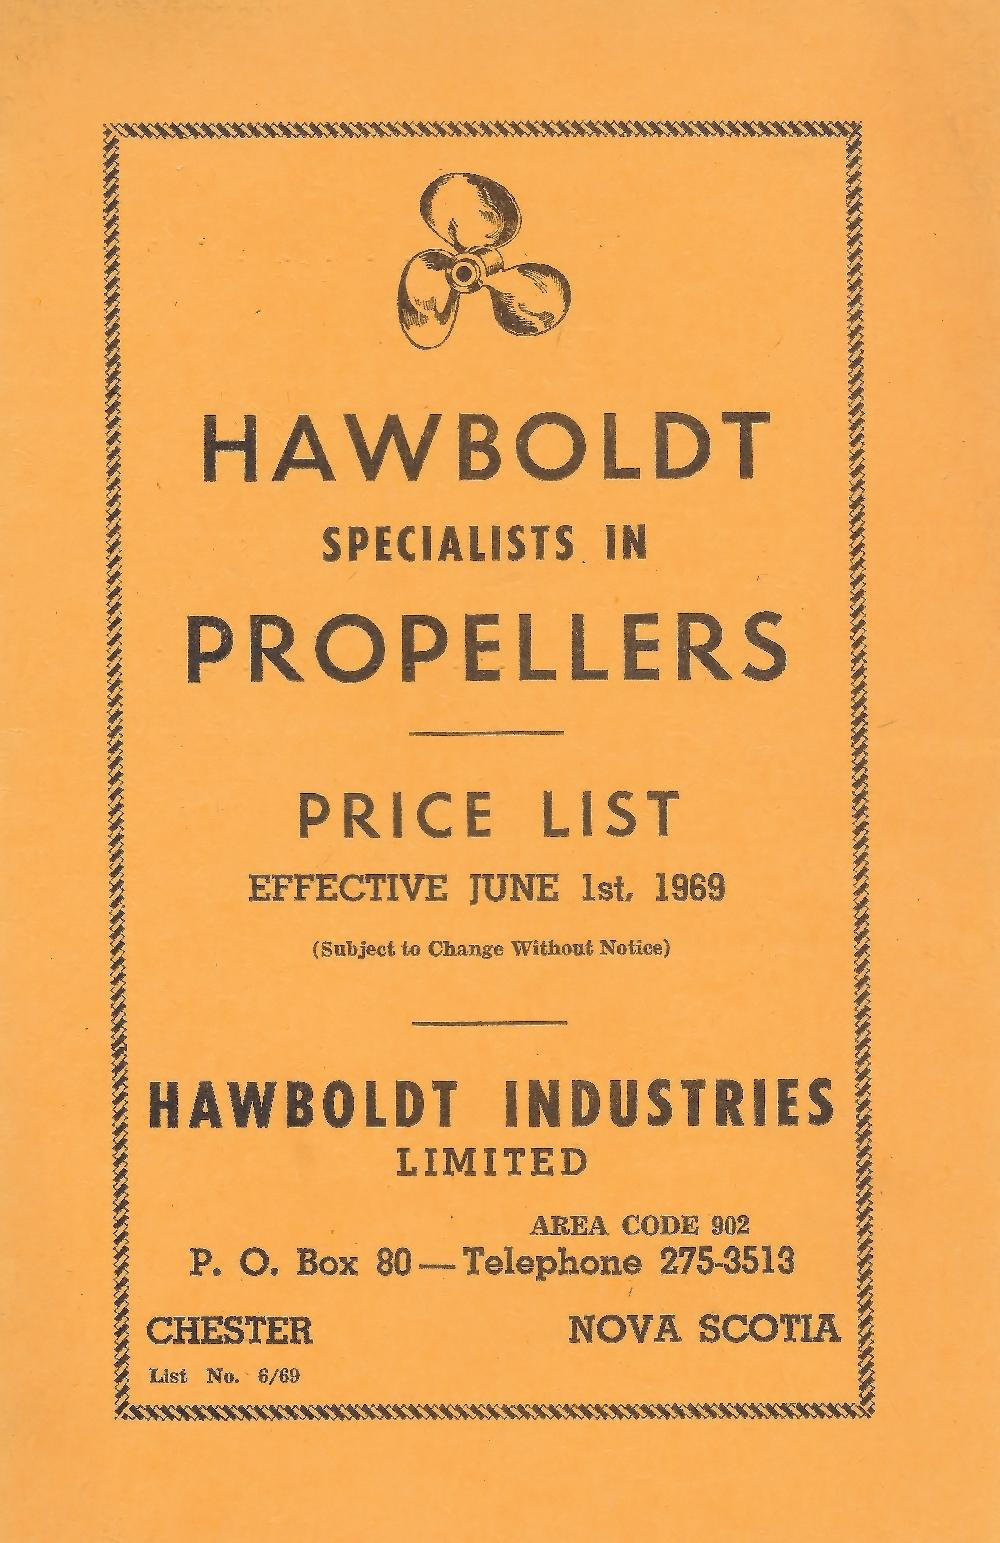 La couverture jaune d'une brochure montrant le dessin d'une hélice à l'encre noire avec une liste des prix au 1er janvier 1969. Elle fait la publicité de Hawboldt Industries Limited en tant que spécialiste en hélices.